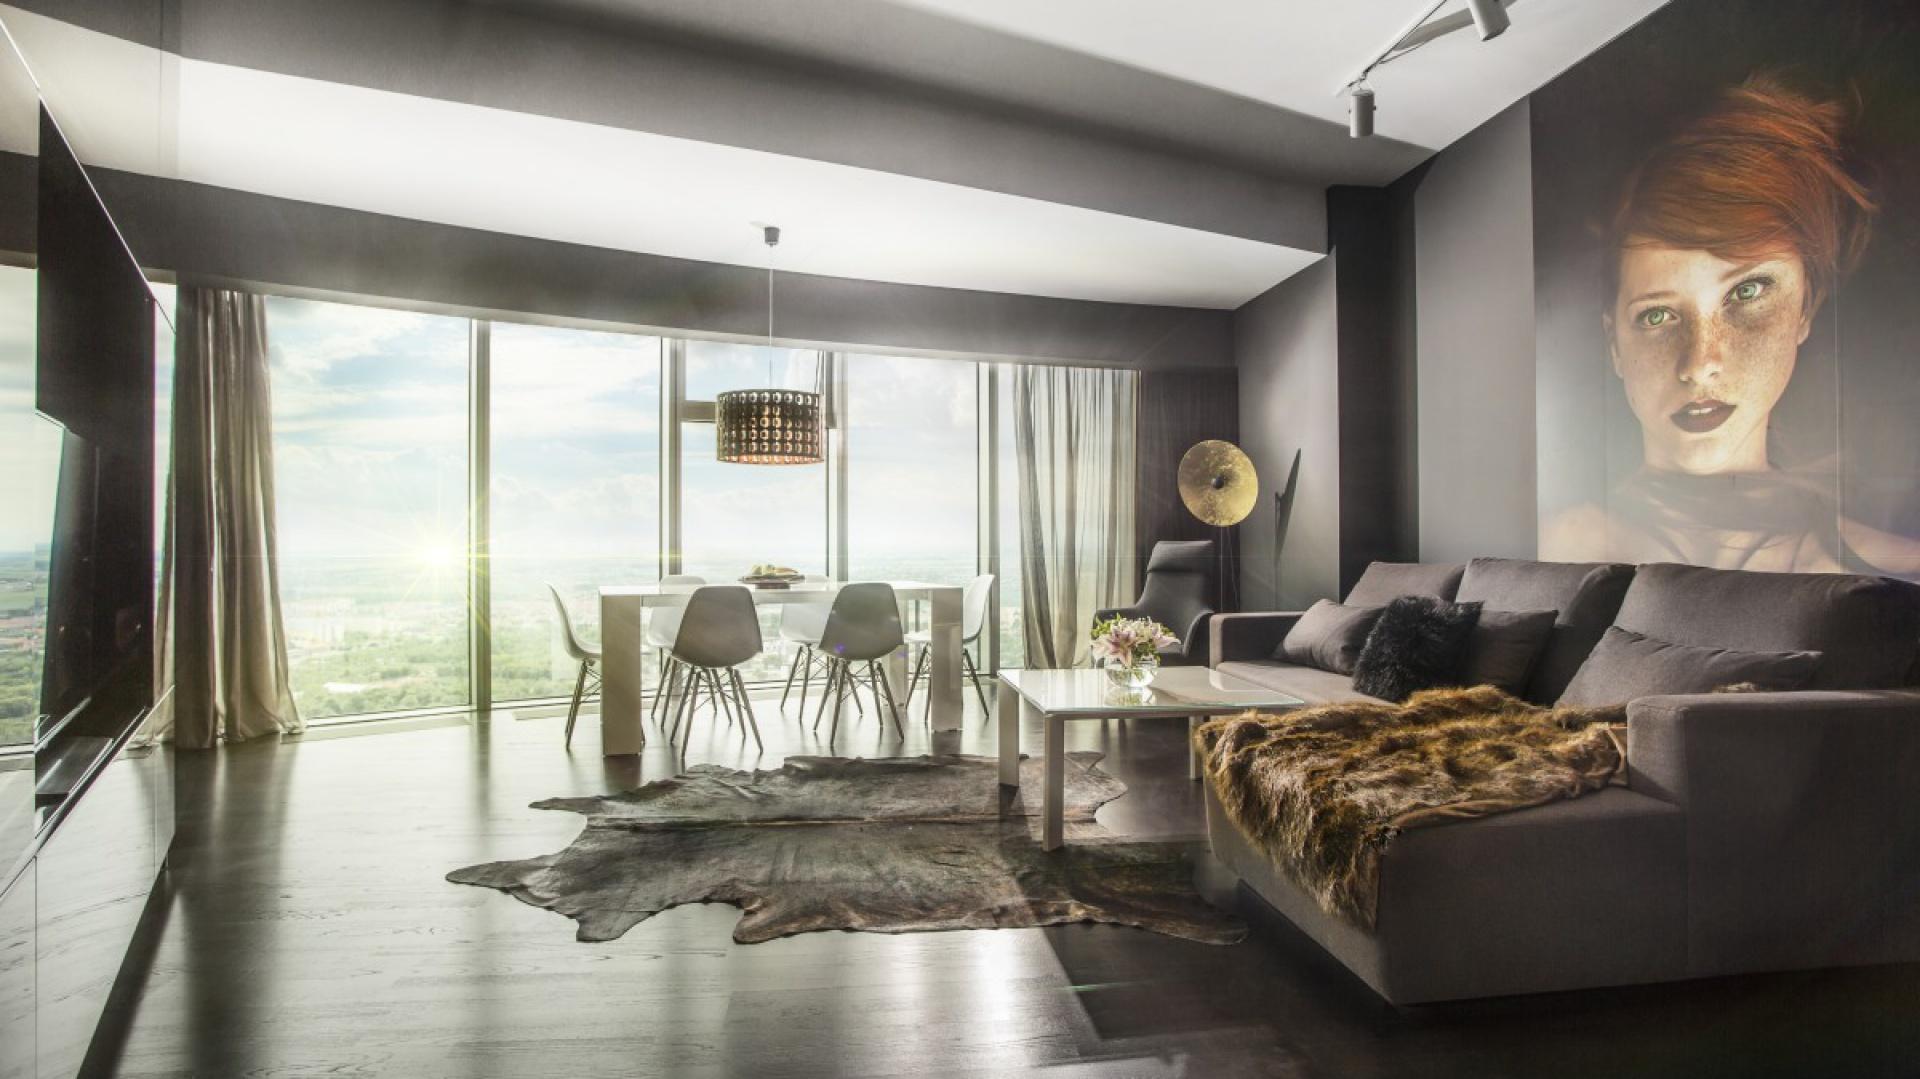 Wystrój apartamentu idealnie komponuje się z panoramicznym widokiem na Wrocław. Fot. Materiały prasowe